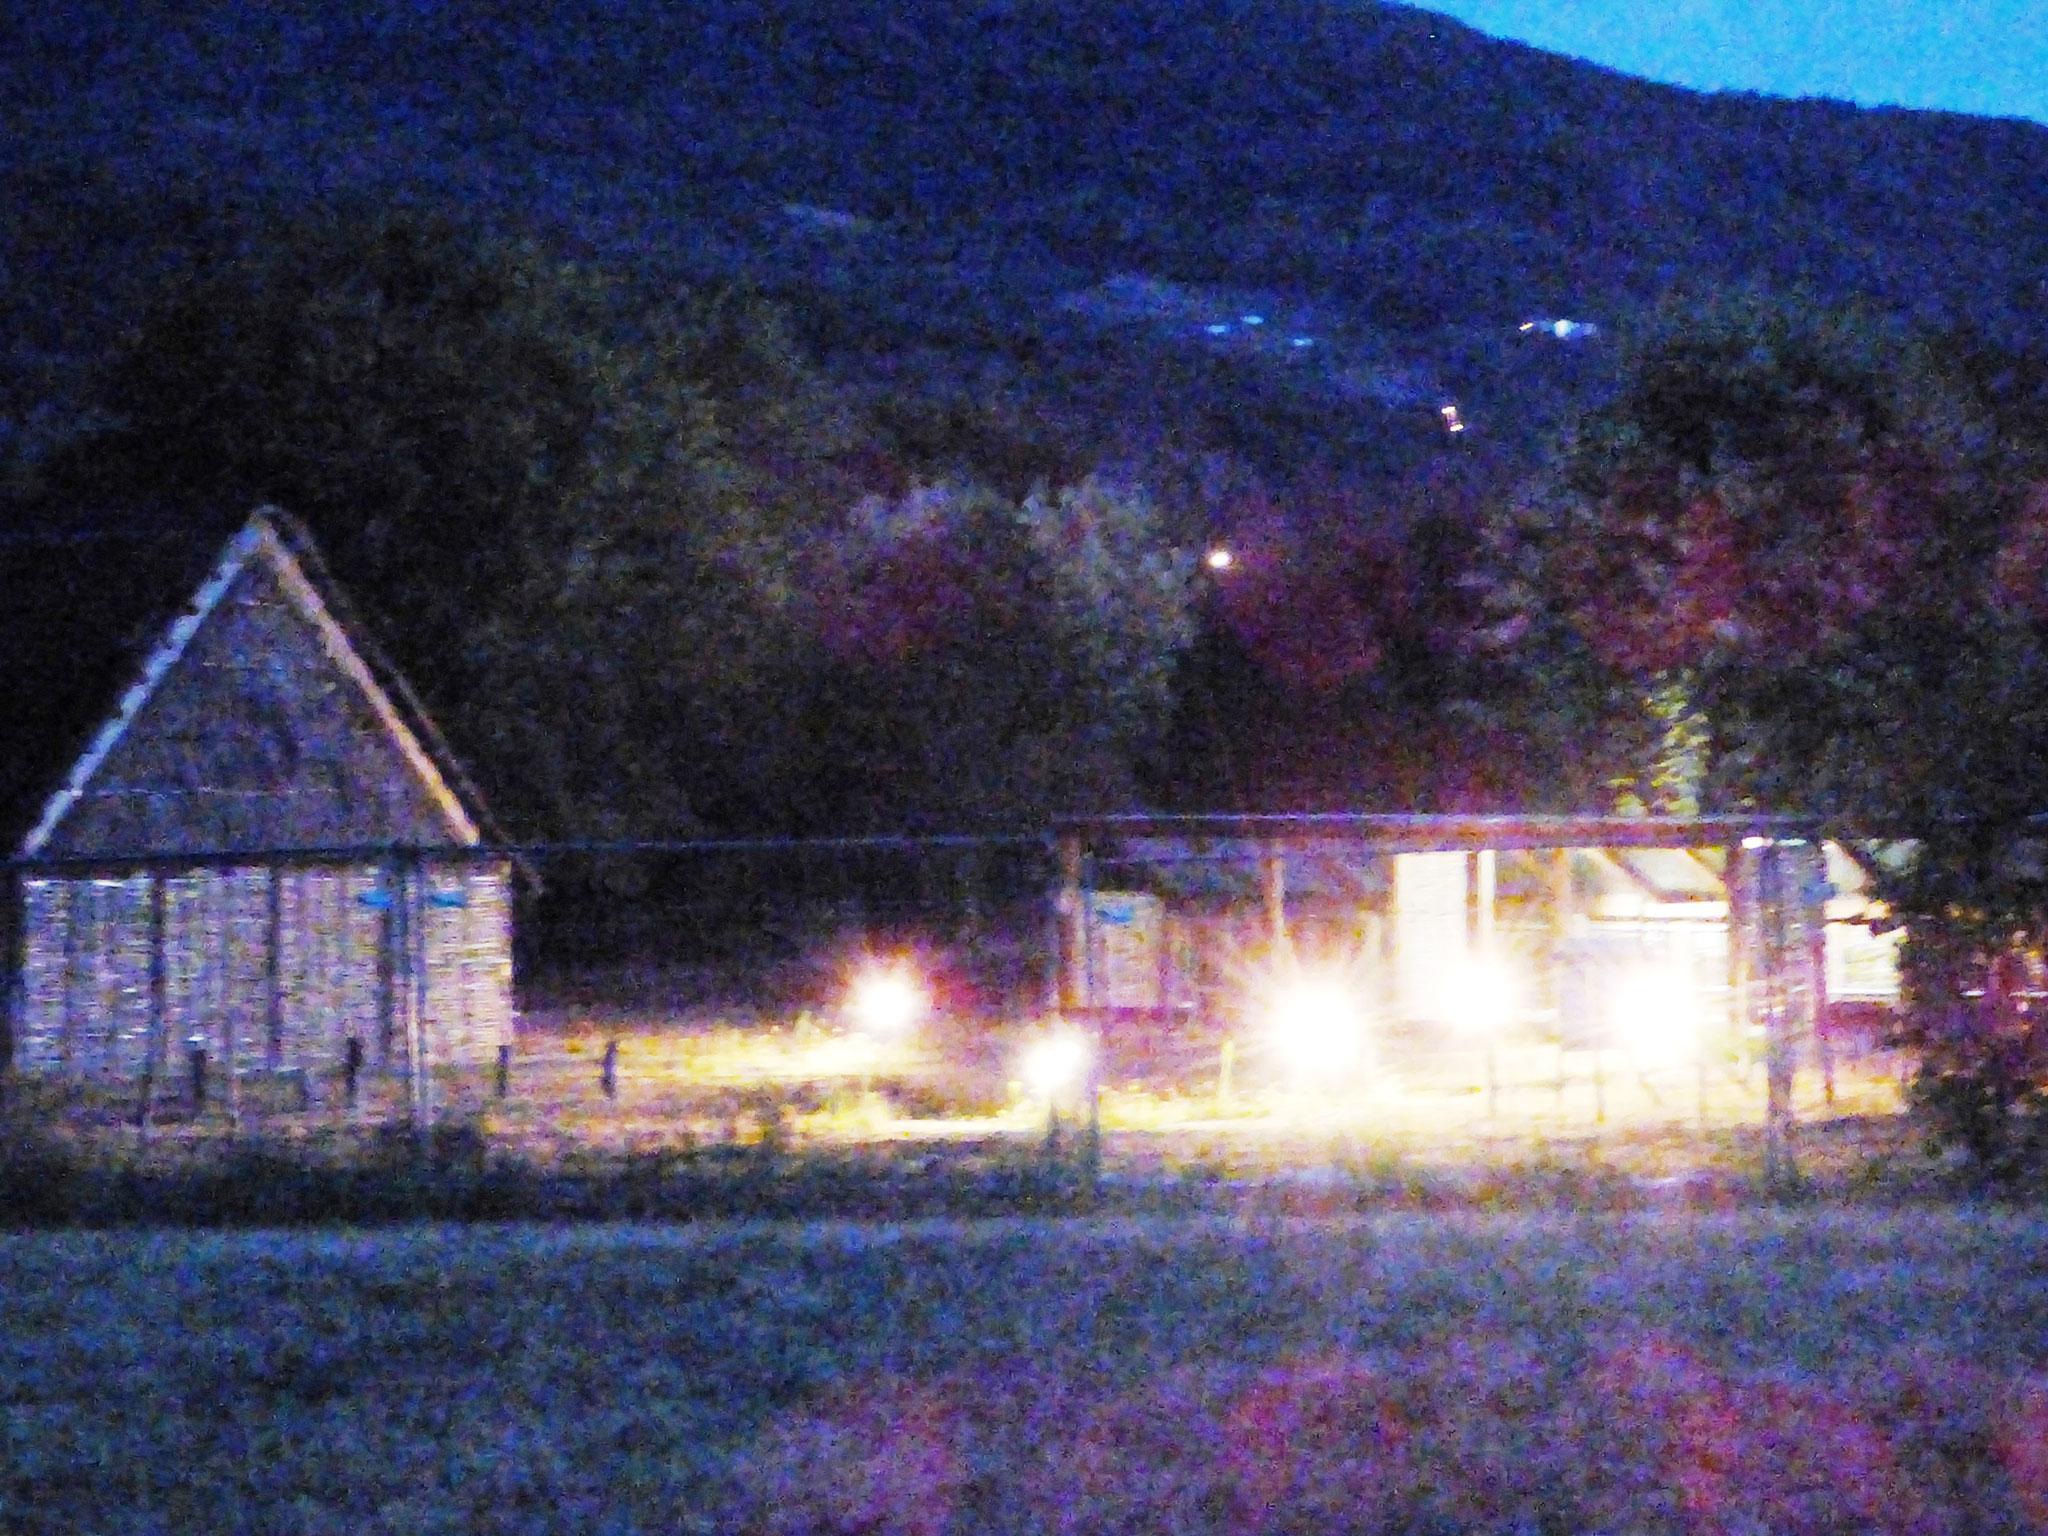 cinema sotto le stelle - Parco Archeologico di Travo 16 agosto 2016